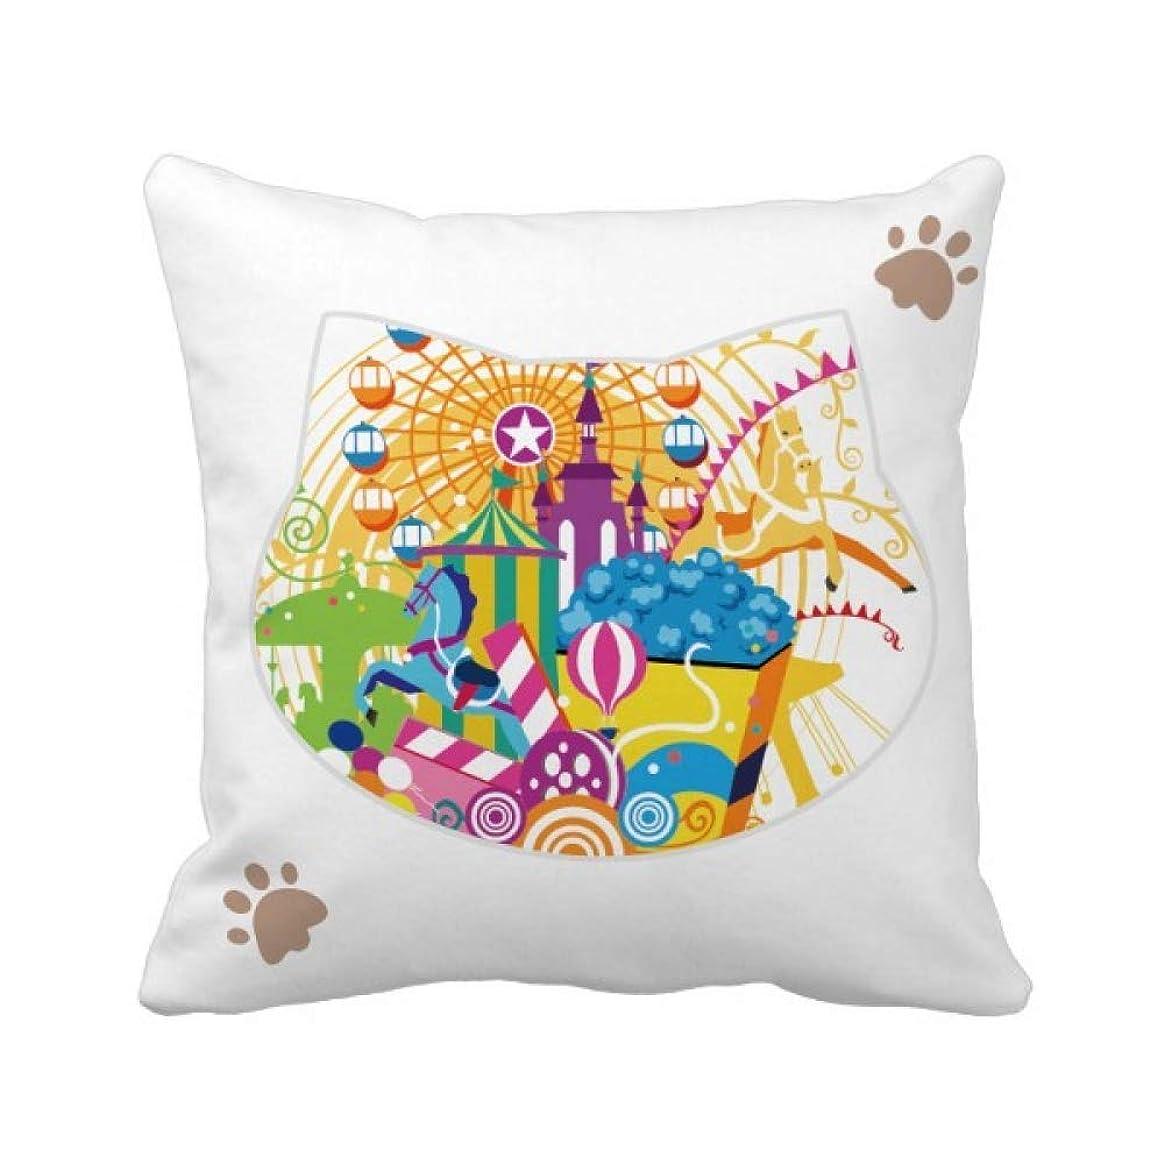 アスリート冊子フロント観覧車城の遊園地 枕カバーを放り投げる猫広場 50cm x 50cm